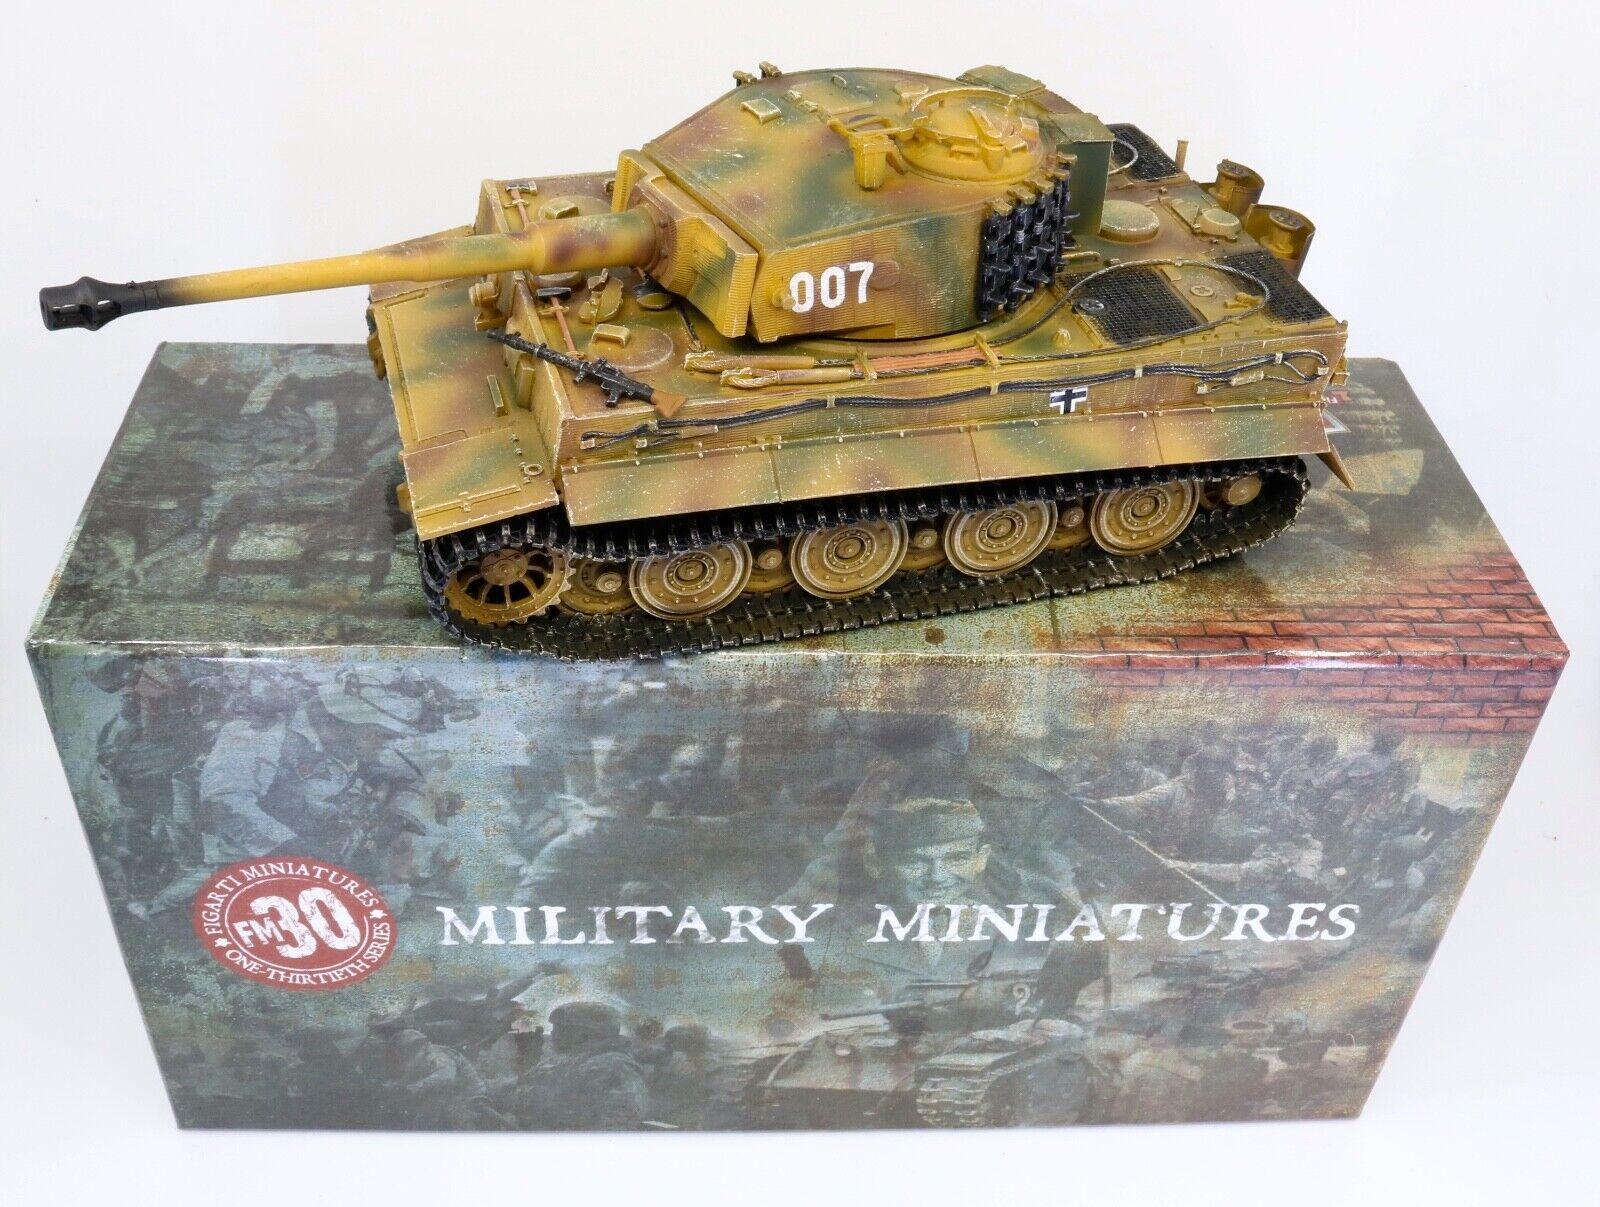 Figarti miniatures-Deuxième guerre mondiale-Théâtre Européen S. 47 500 édition limitée. Wittmann's Tiger 1 30